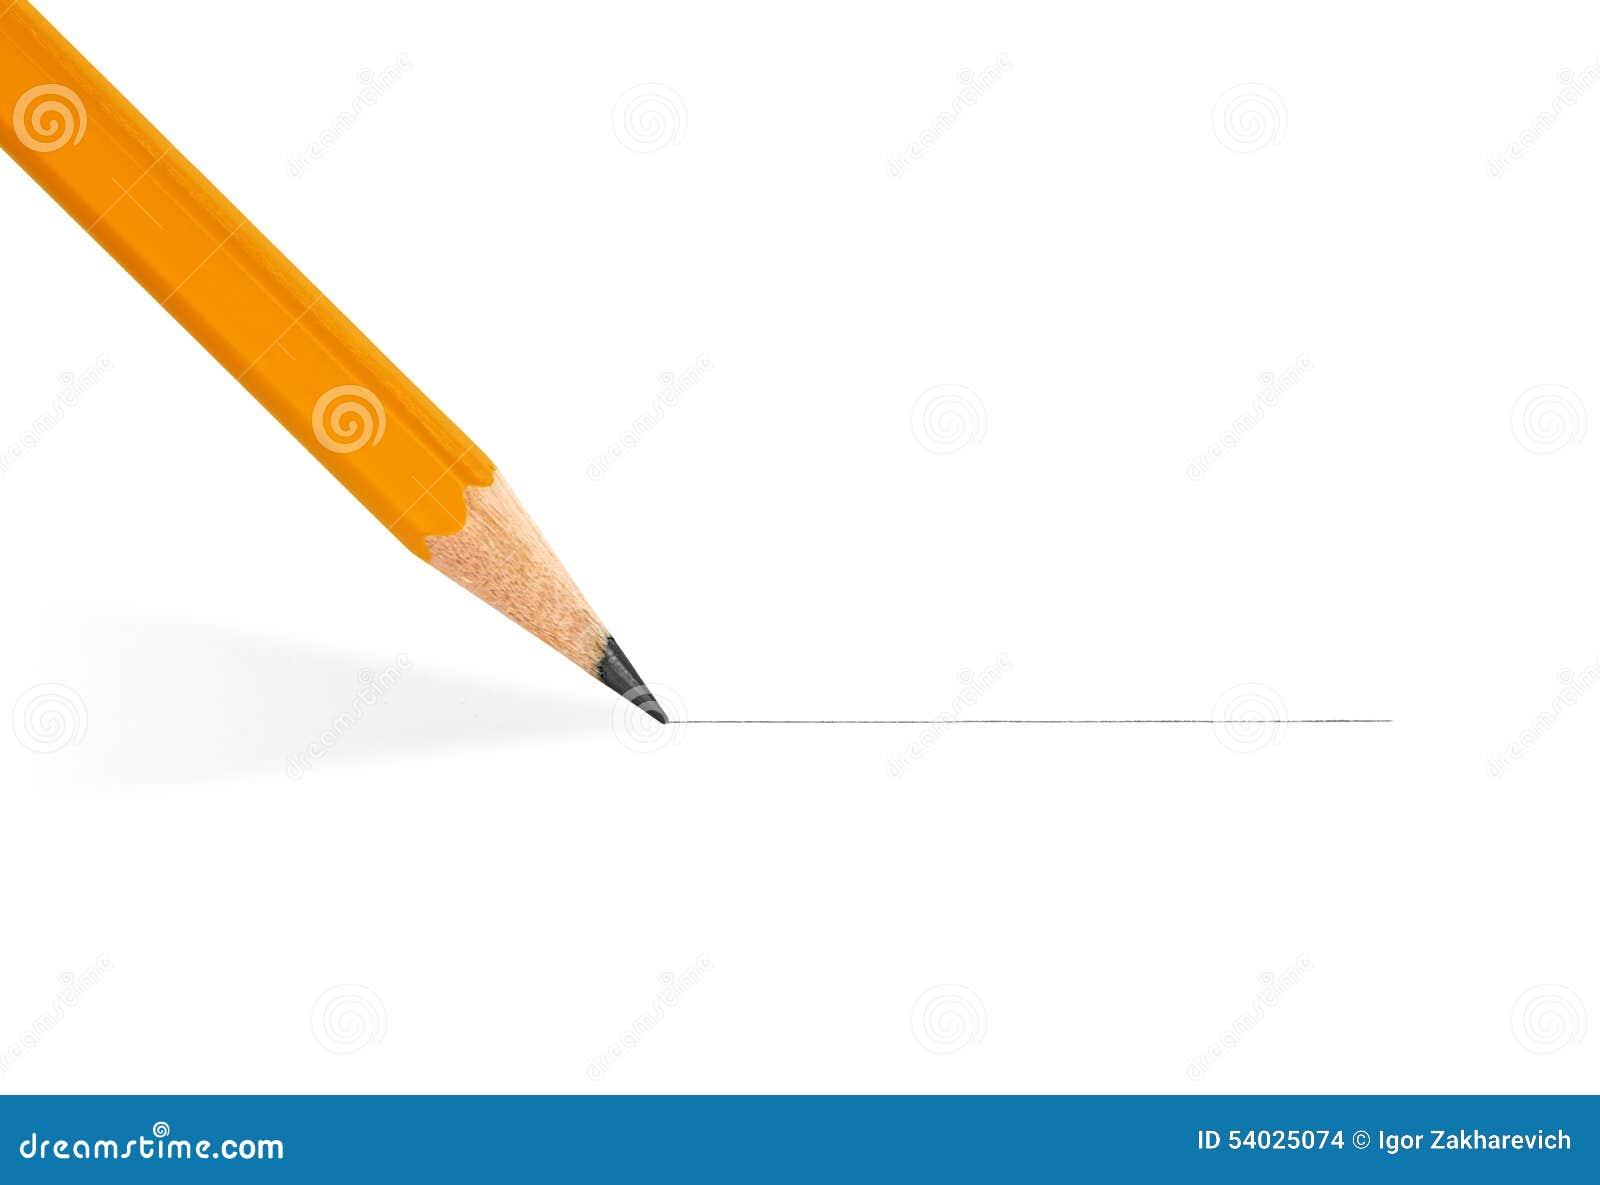 铅笔画一条直线